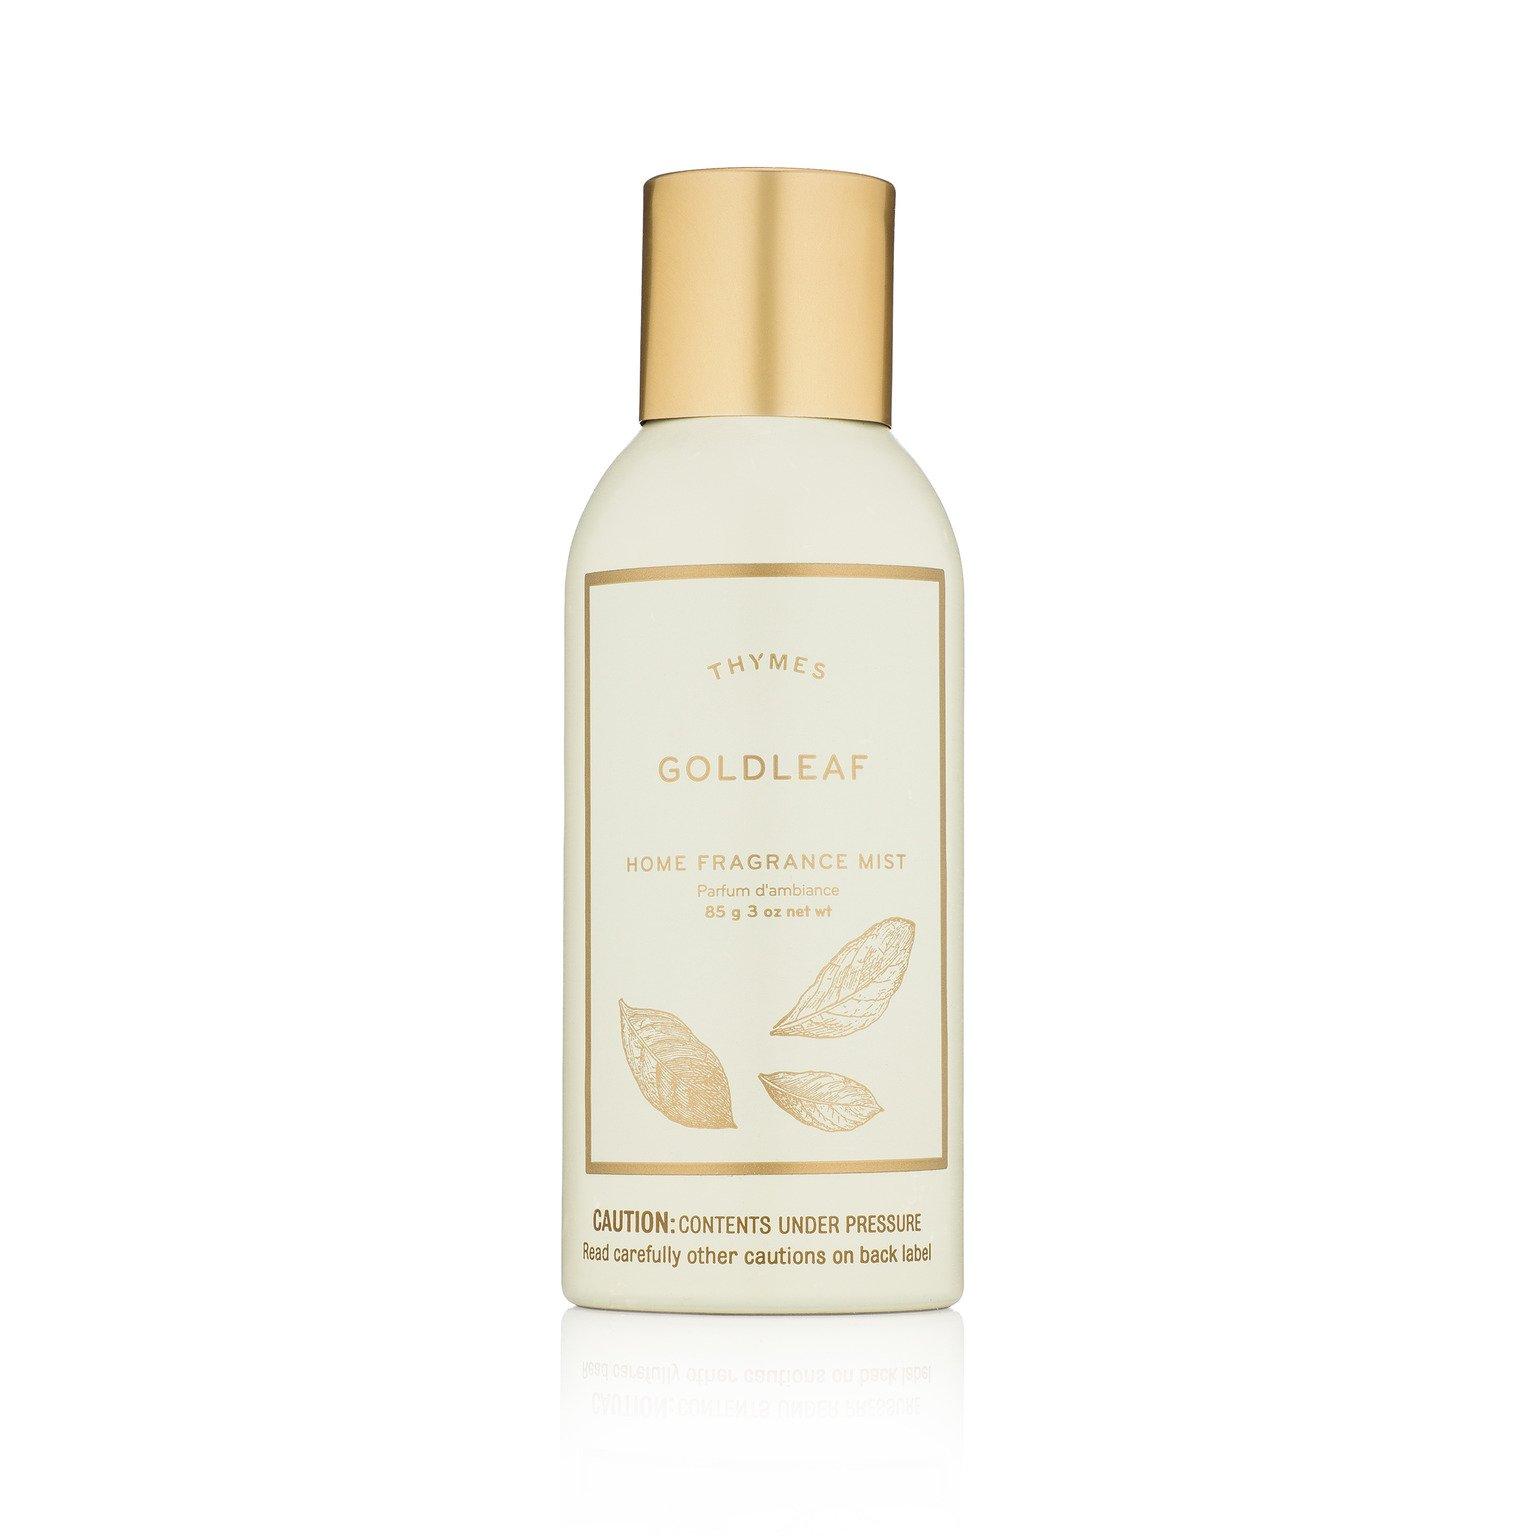 Thymes Goldleaf Home Fragrance Mist - Elegant Floral Scented Room Spray - 3 oz